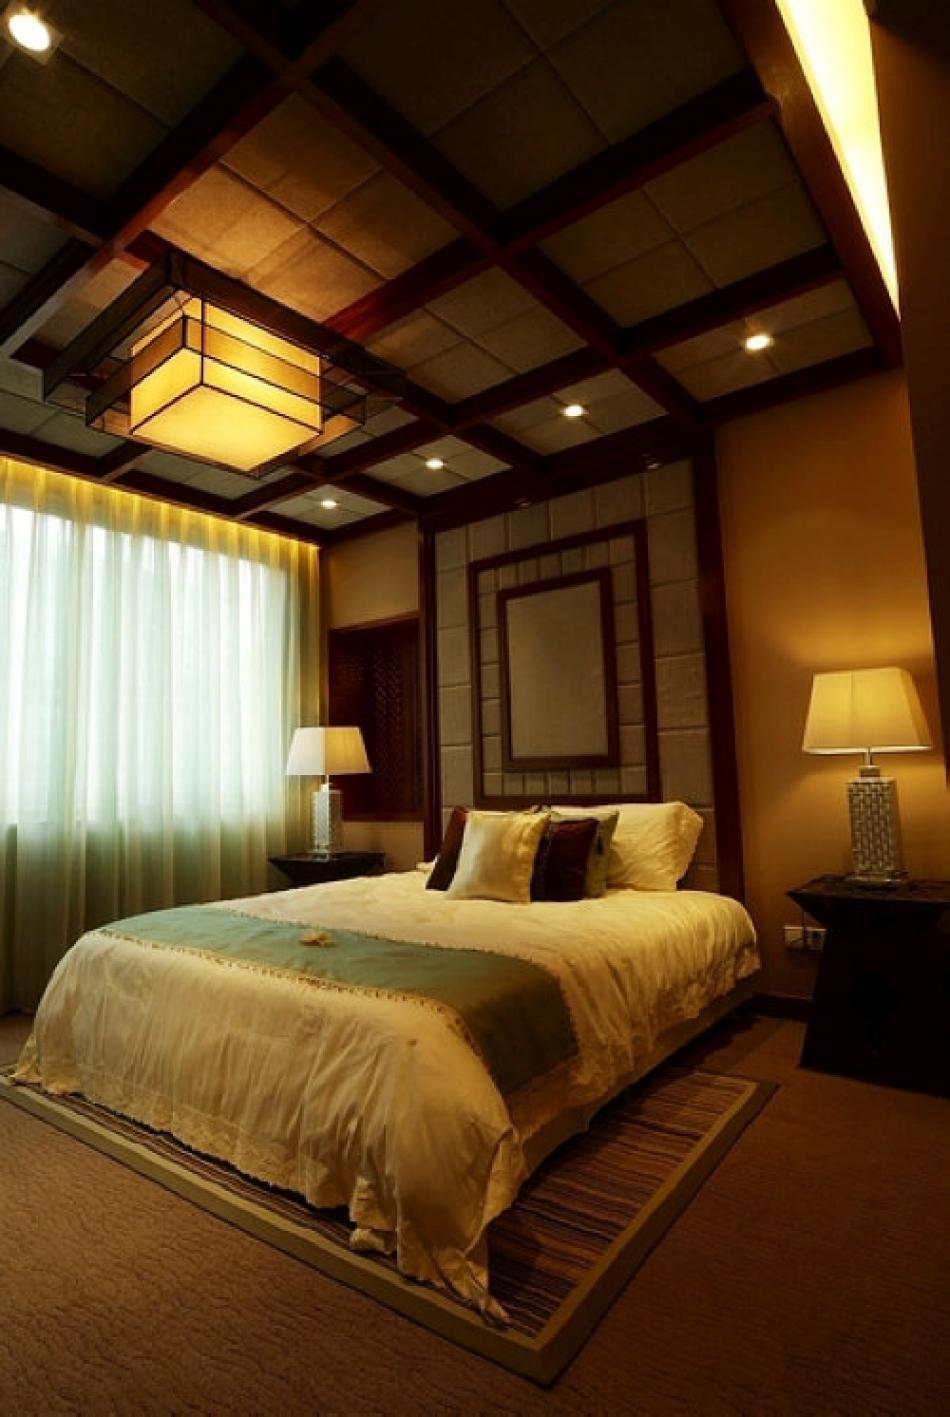 一居室现代风格_东南亚风格宾馆装修效果图-x团装修网